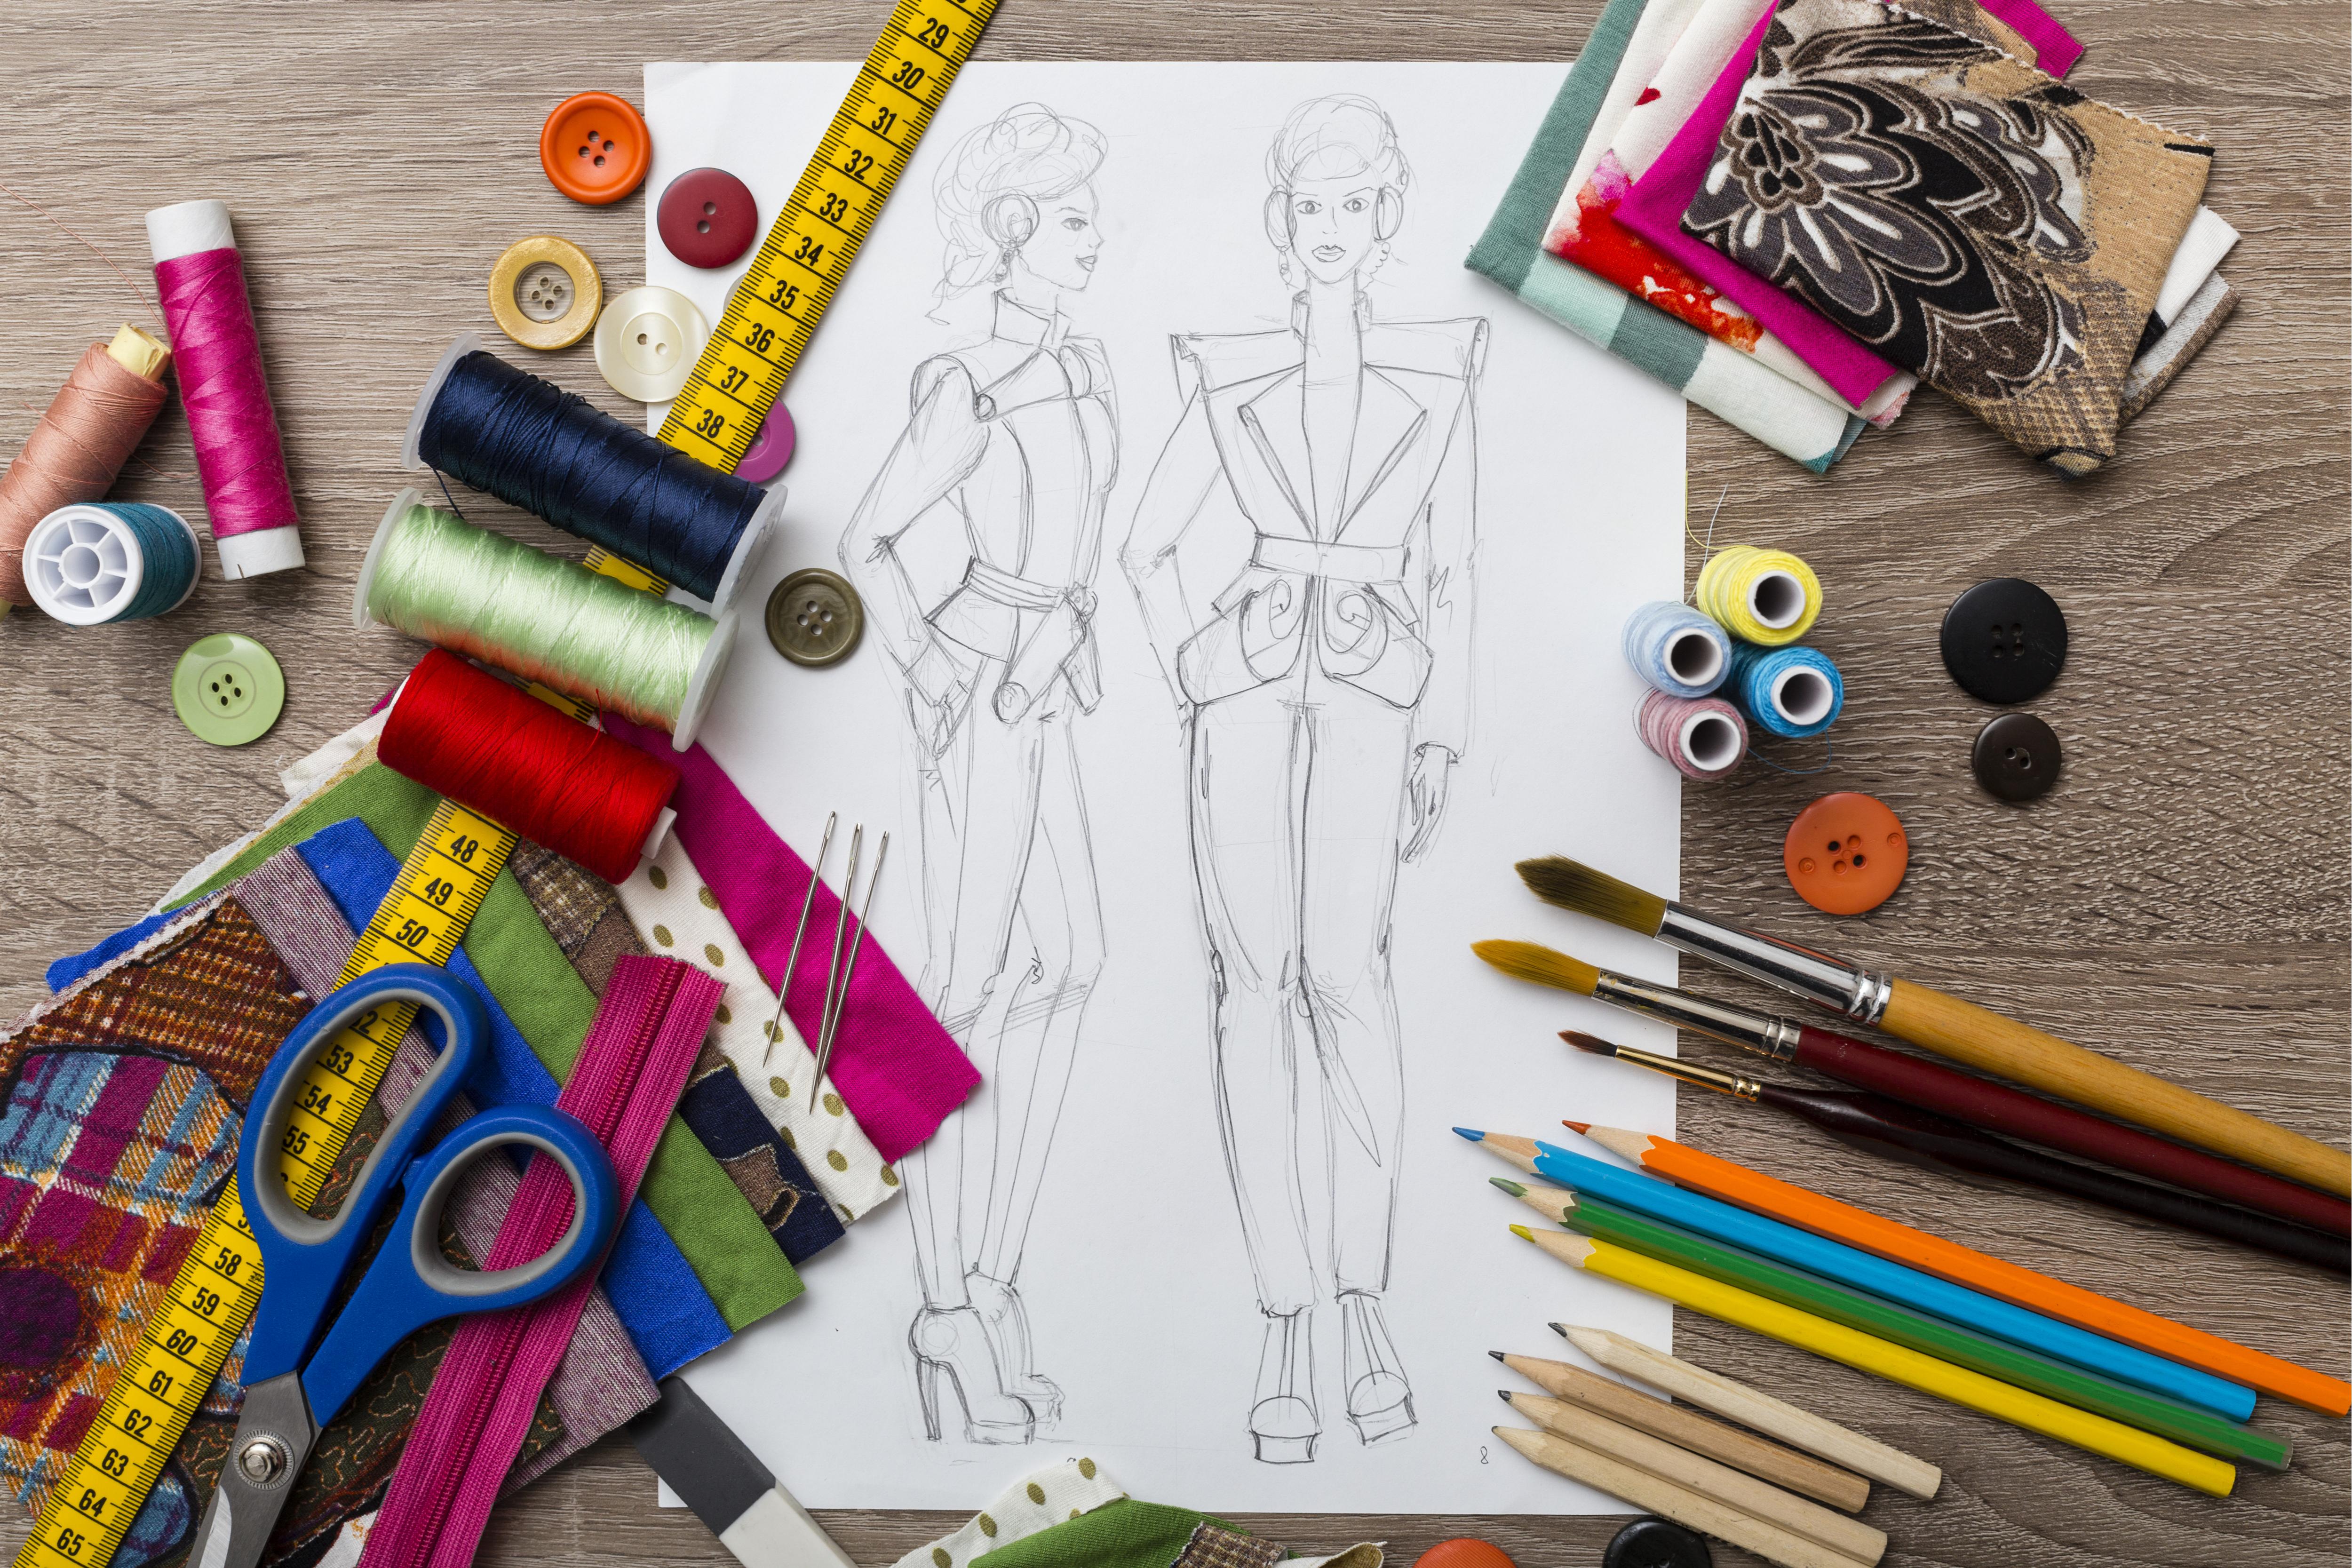 2020 第13回 高校生ファッションデザイン画コンテスト 作品募集